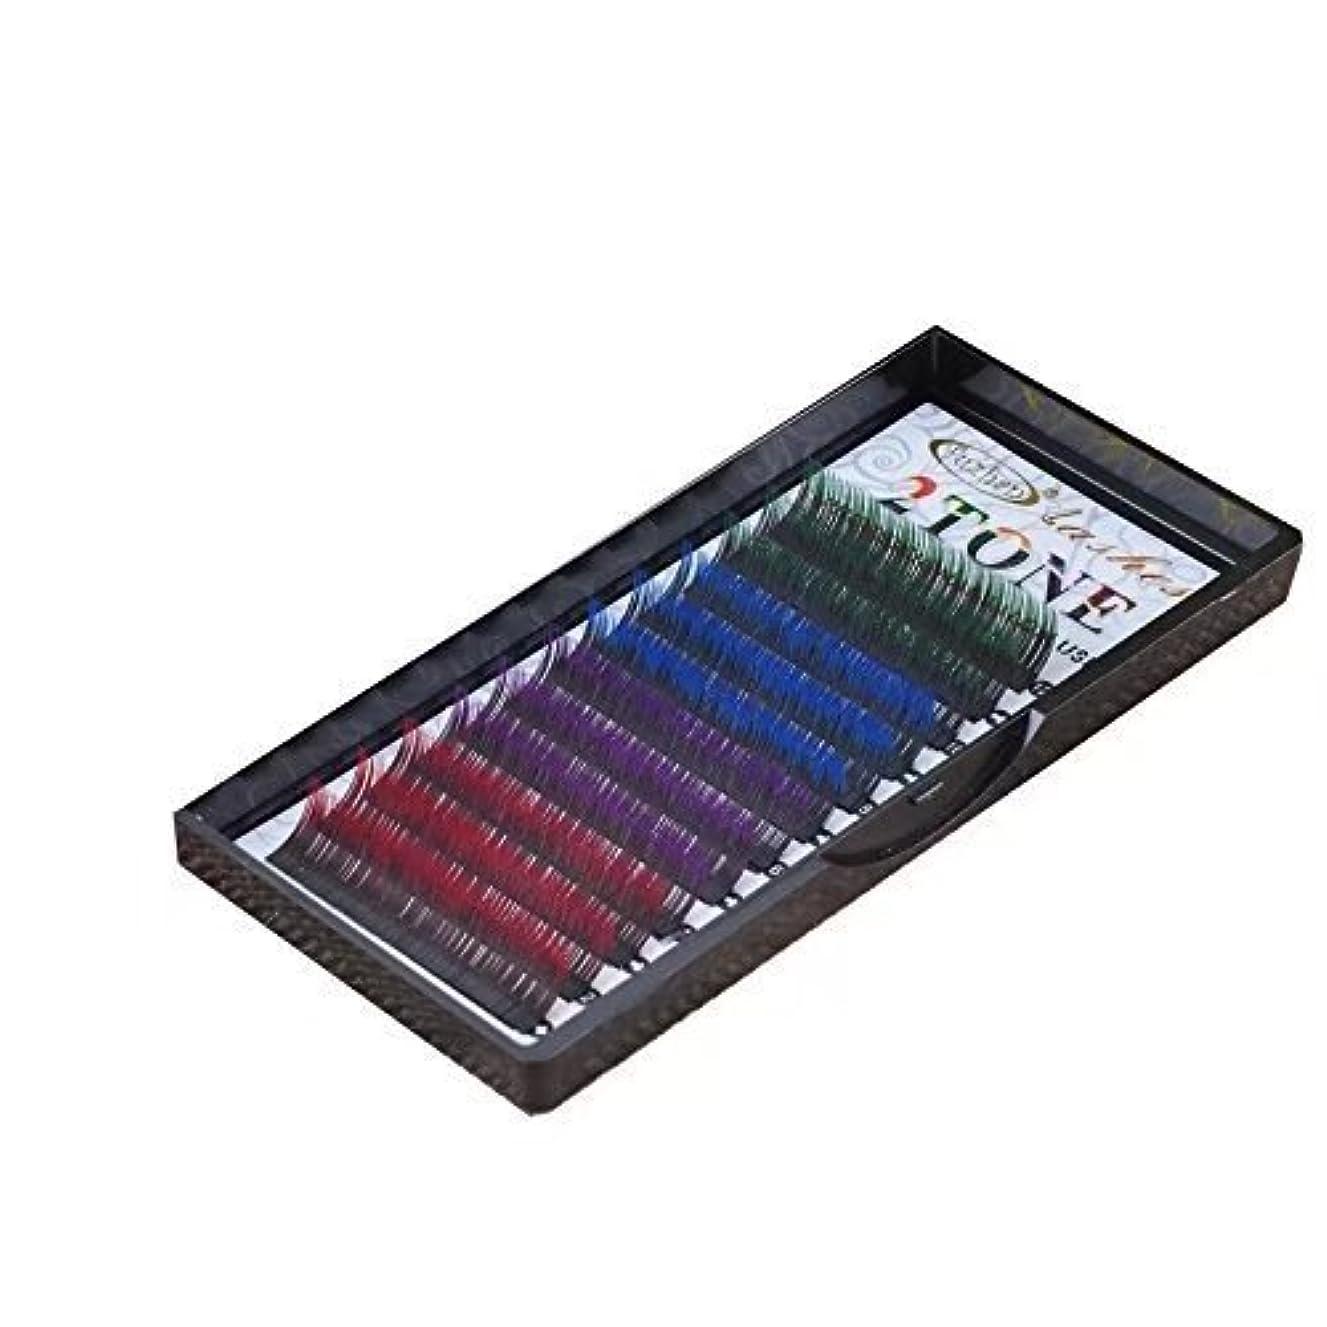 コークスふける計画的まつげエクステ 太さ0.15mm(カール色長さ指定) グラデーションマツエク 色ごとに3列 12列タイプ 2ケース入り (0.15 C 12mm、グリーン?ブルー?バイオレット?レッド)